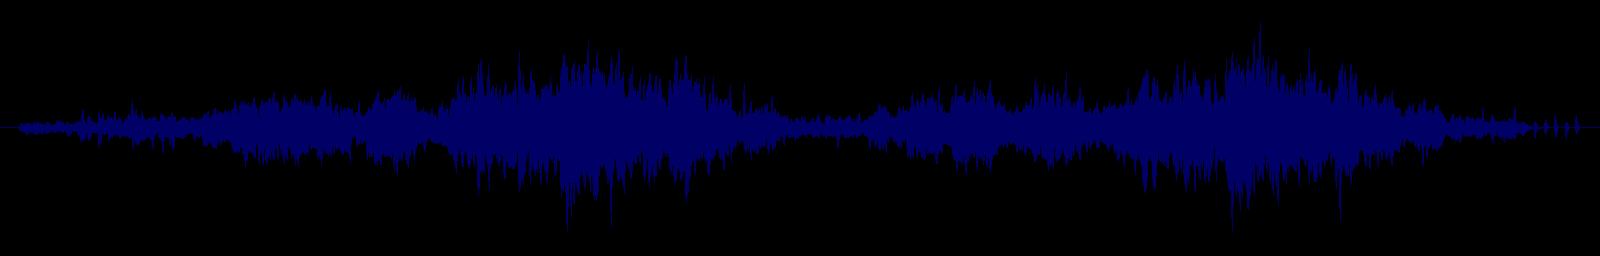 waveform of track #148353